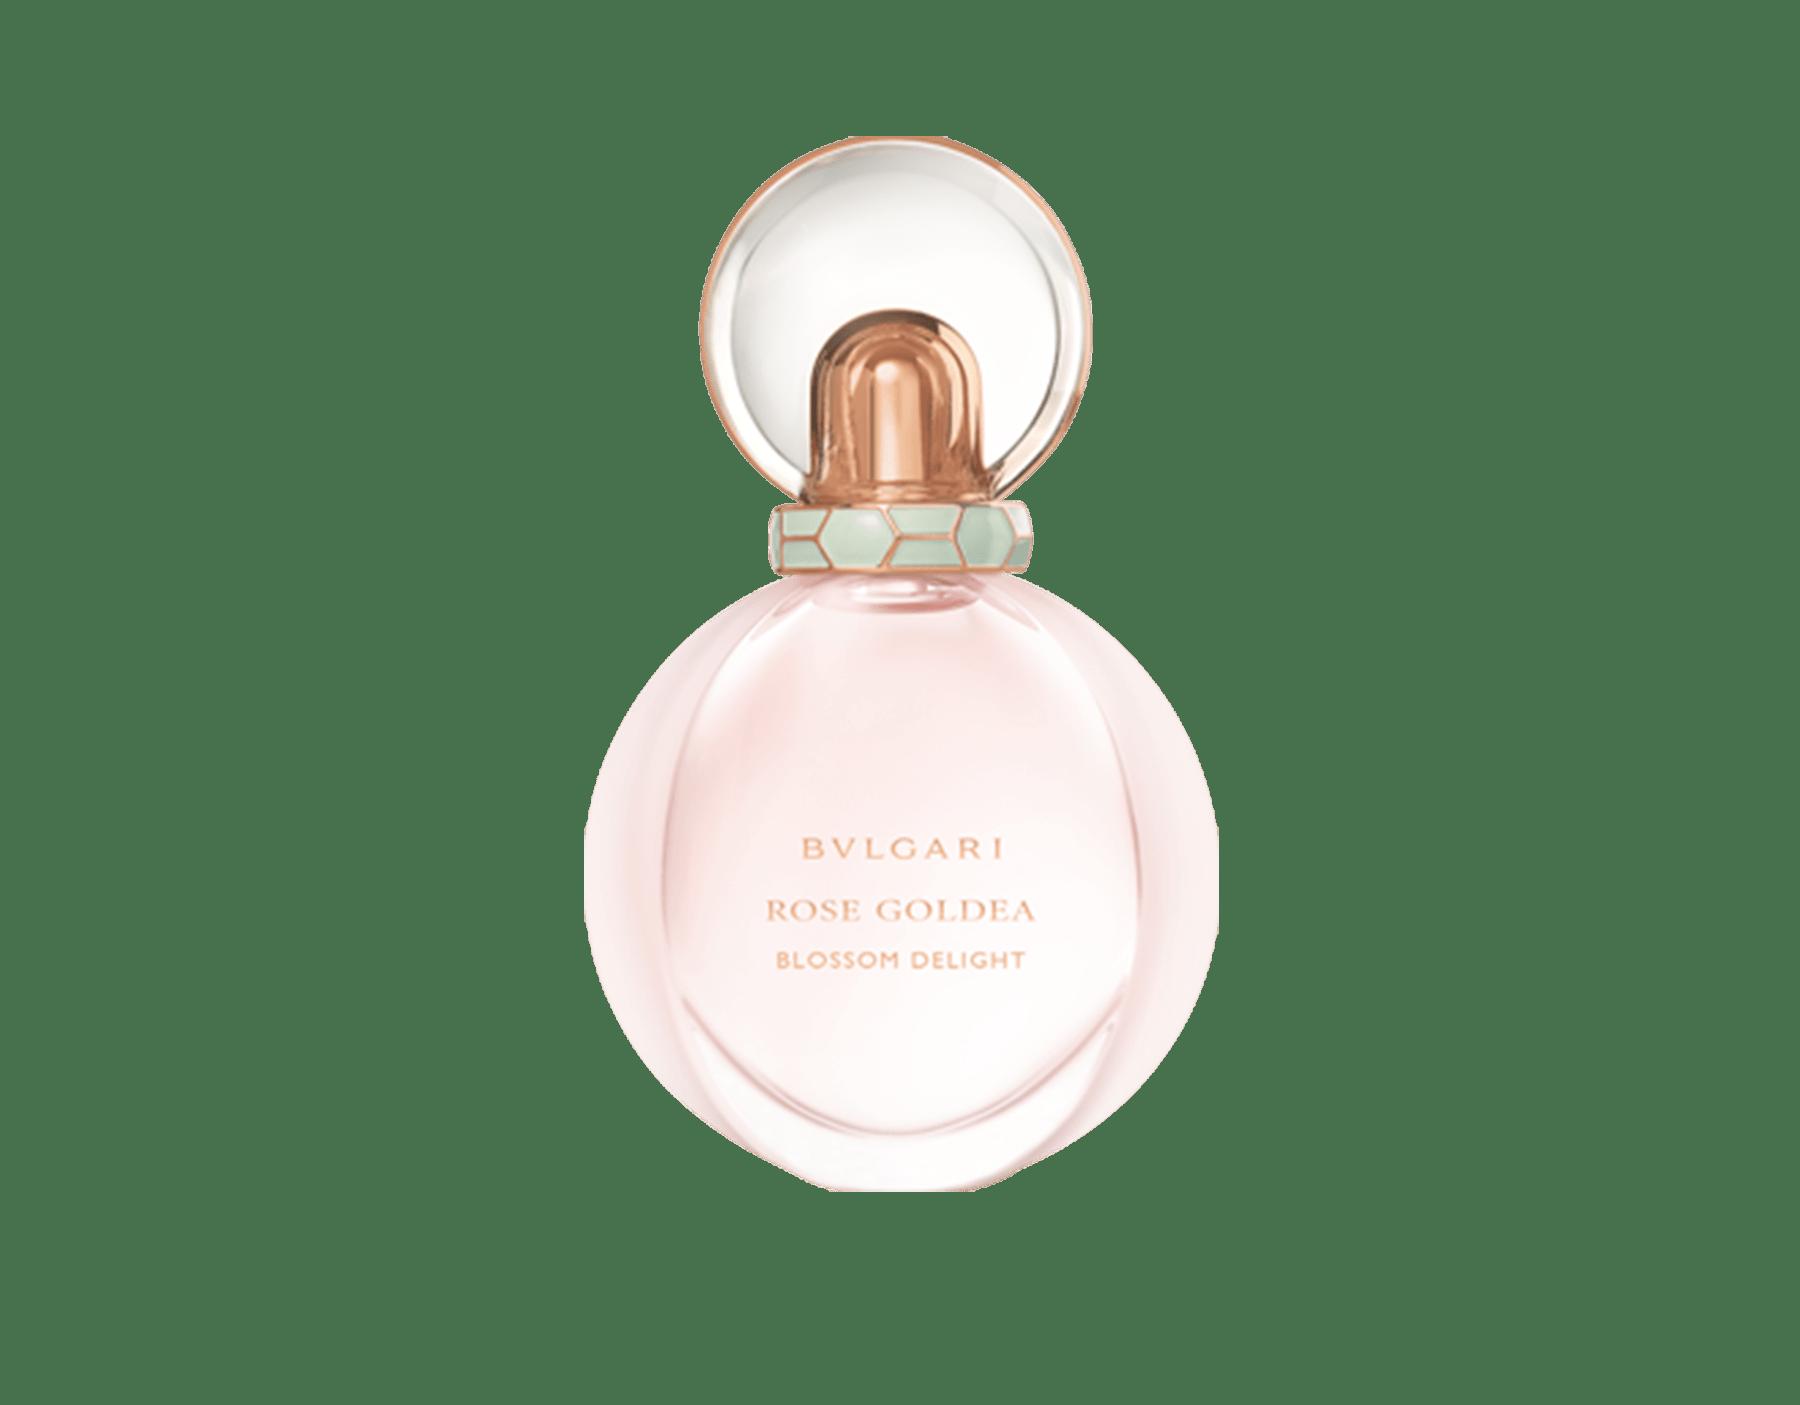 現代花香調香水,捕捉女性魅力的神髓。 40471 image 1